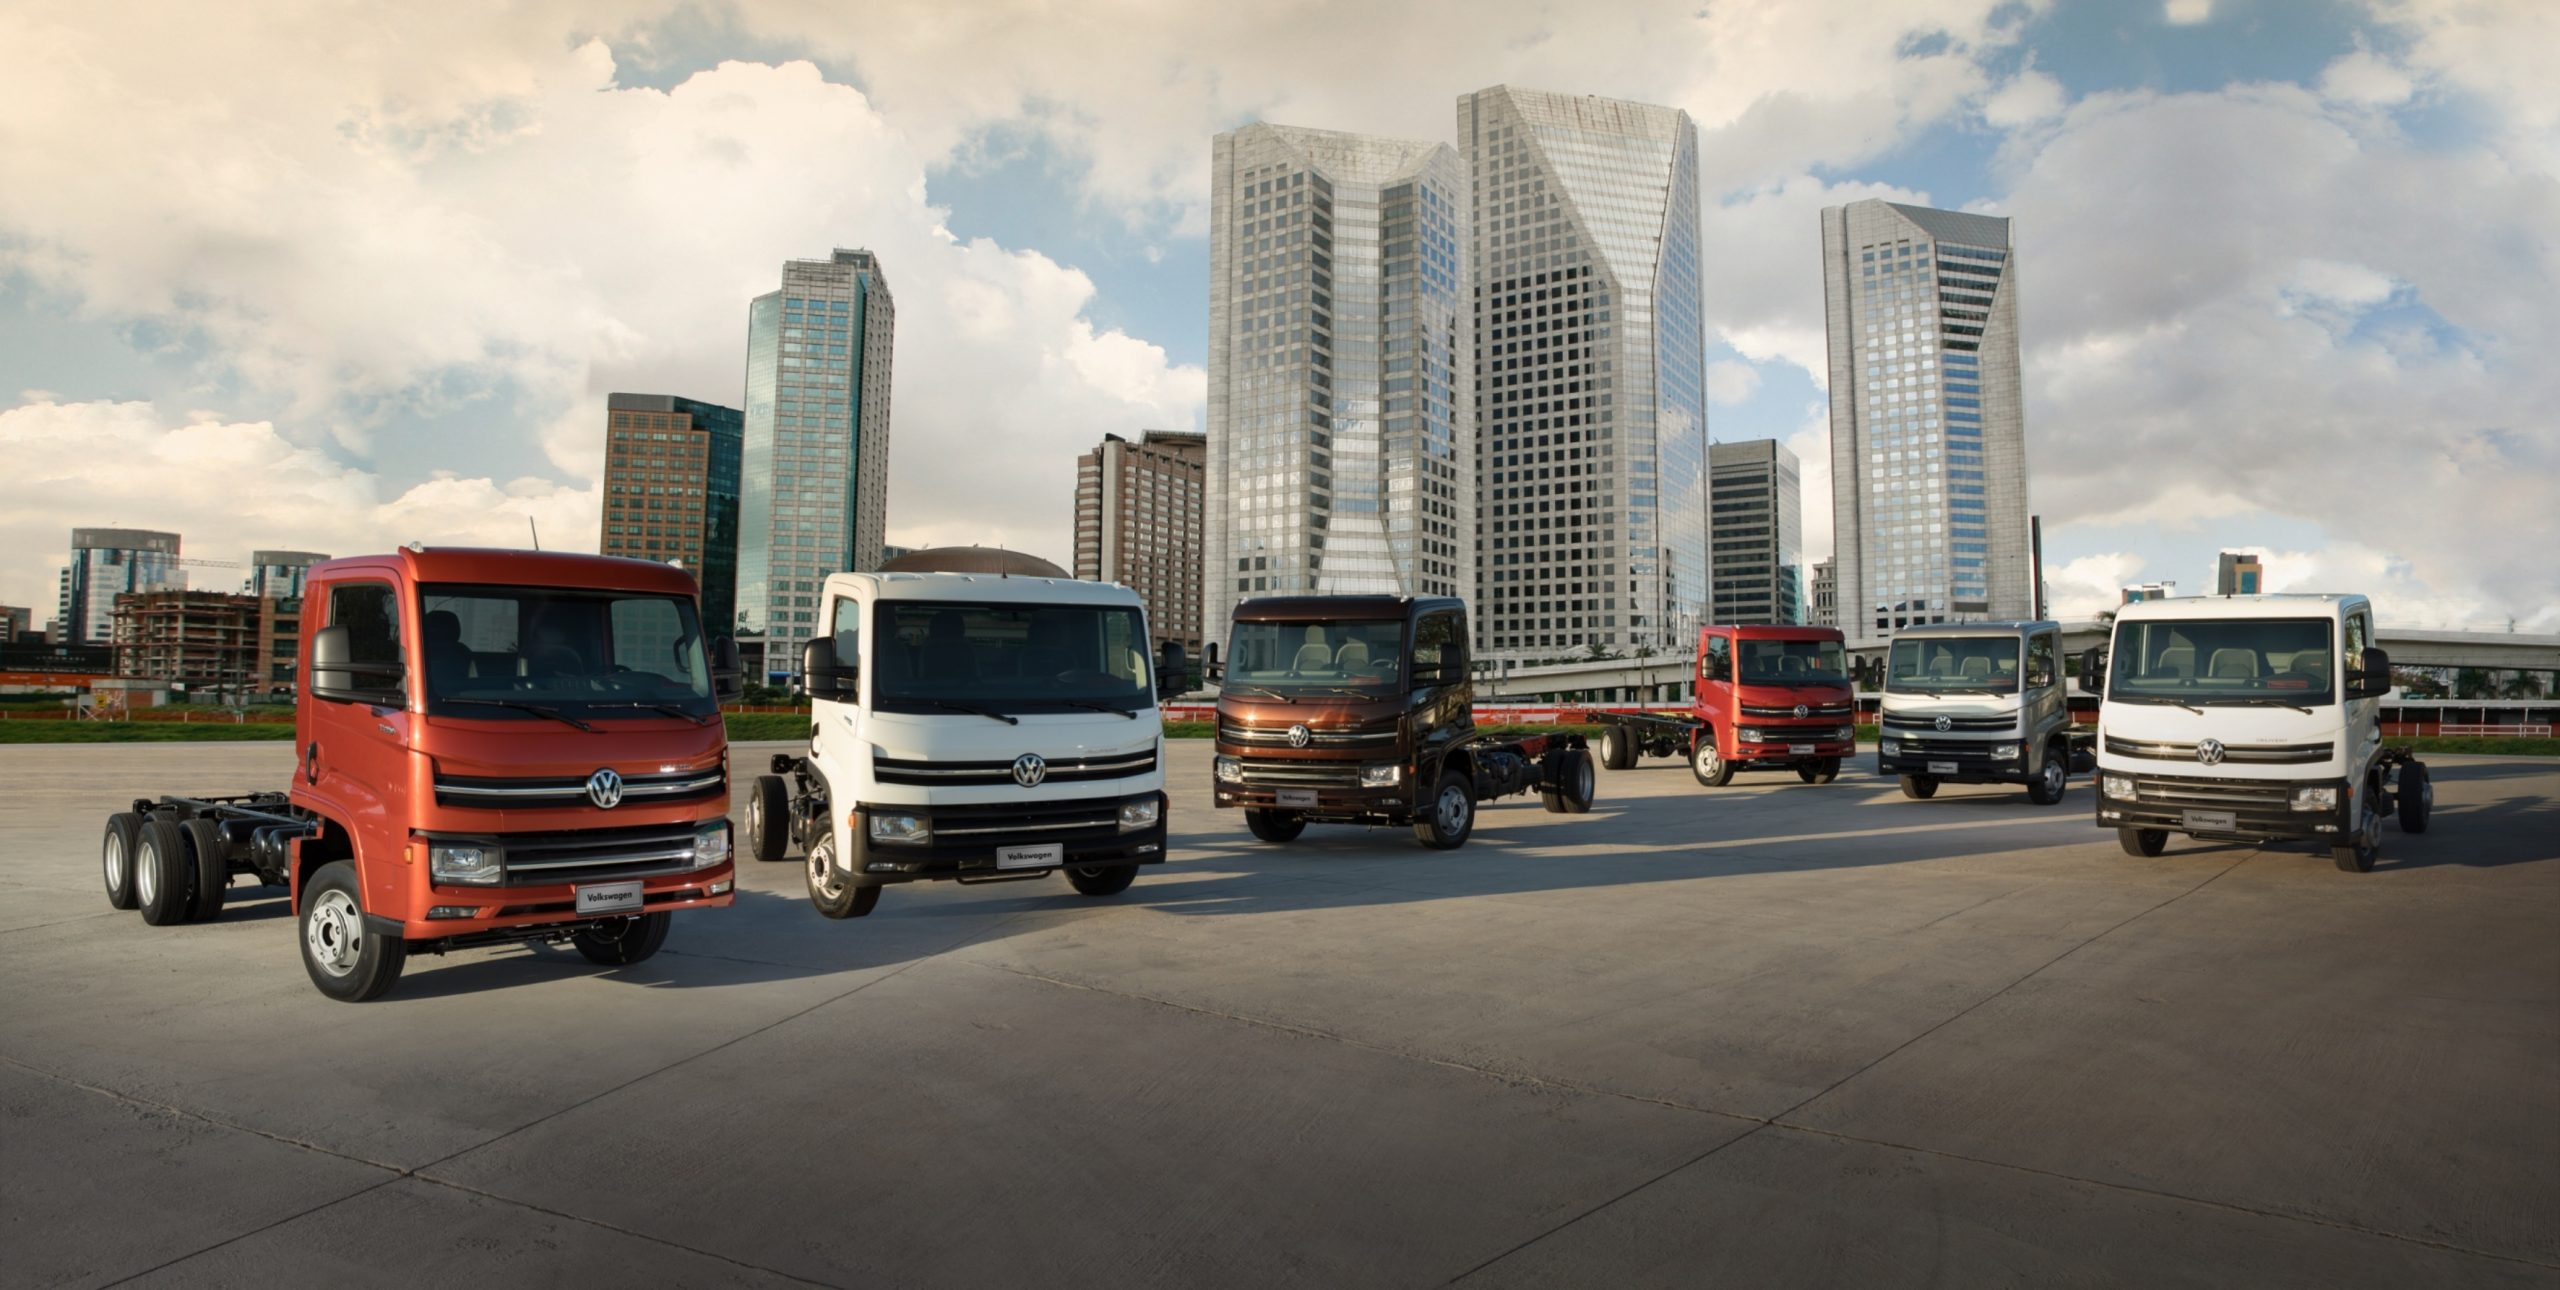 No segundo aniversário de lançamento, Nova Família Delivery comemora liderança de segmentos e presença em dez mercados